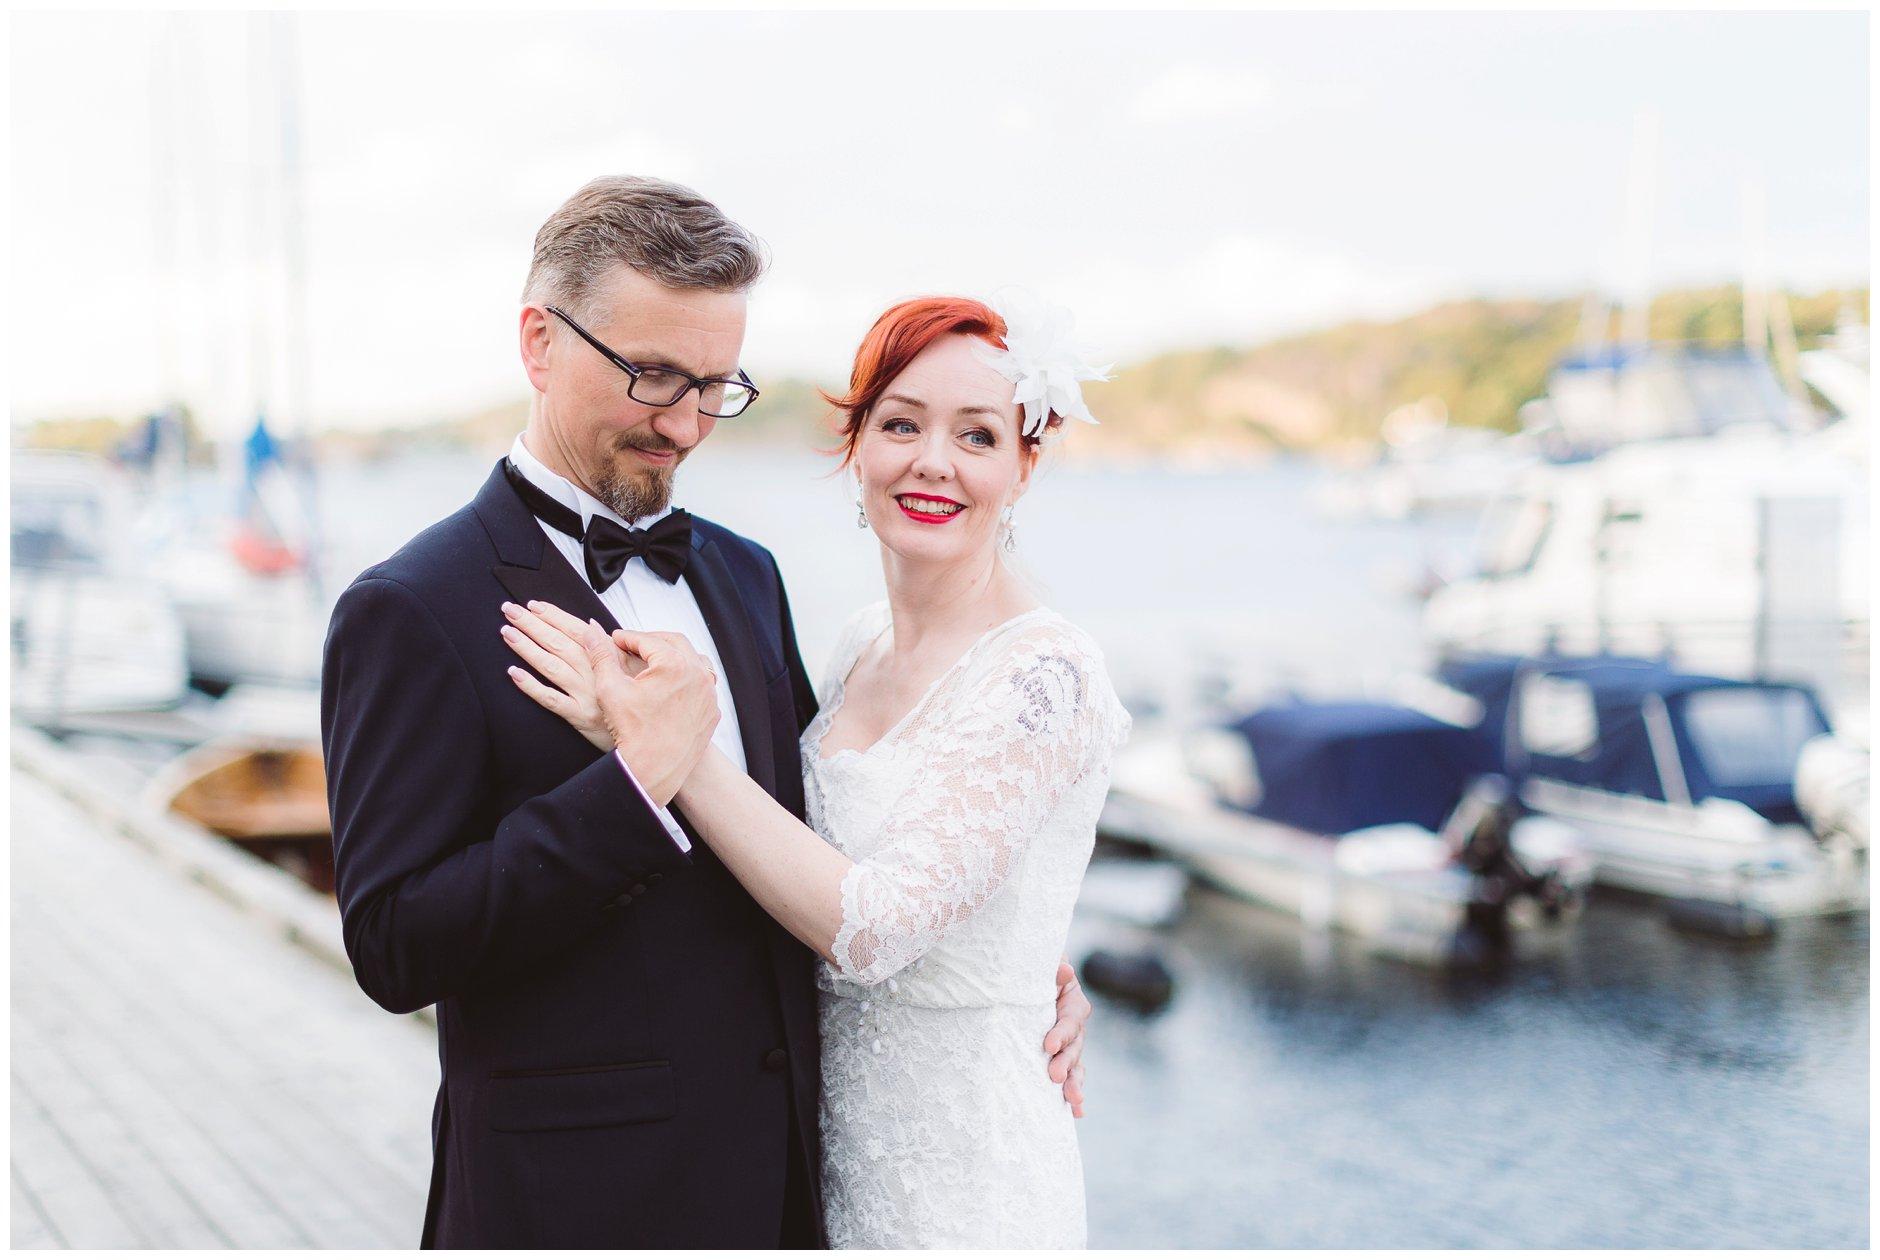 Fotograf-Eline-Jacobine-Bryllup-Tjøme-Scandic-Havna-Trine-og-Halvor_0153